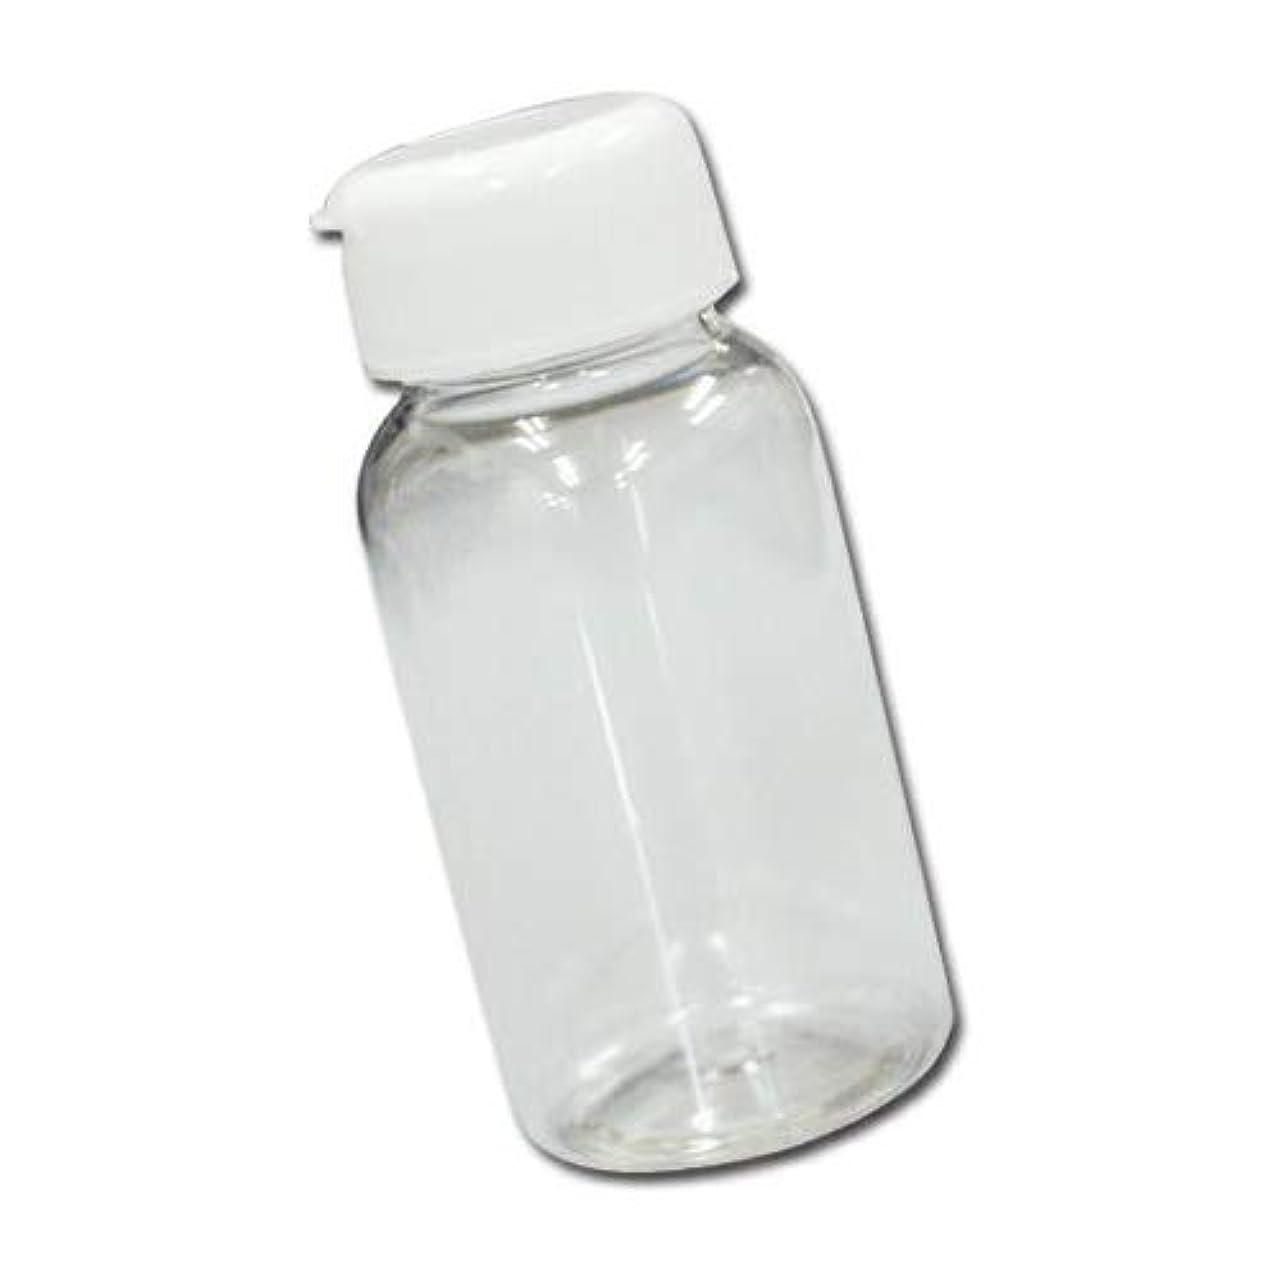 防水長方形麻痺させるパウダー用詰め替え容器200mlボトル│業務用マッサージパウダーや調味料の小分けに最適な穴あき詰め替えボトル